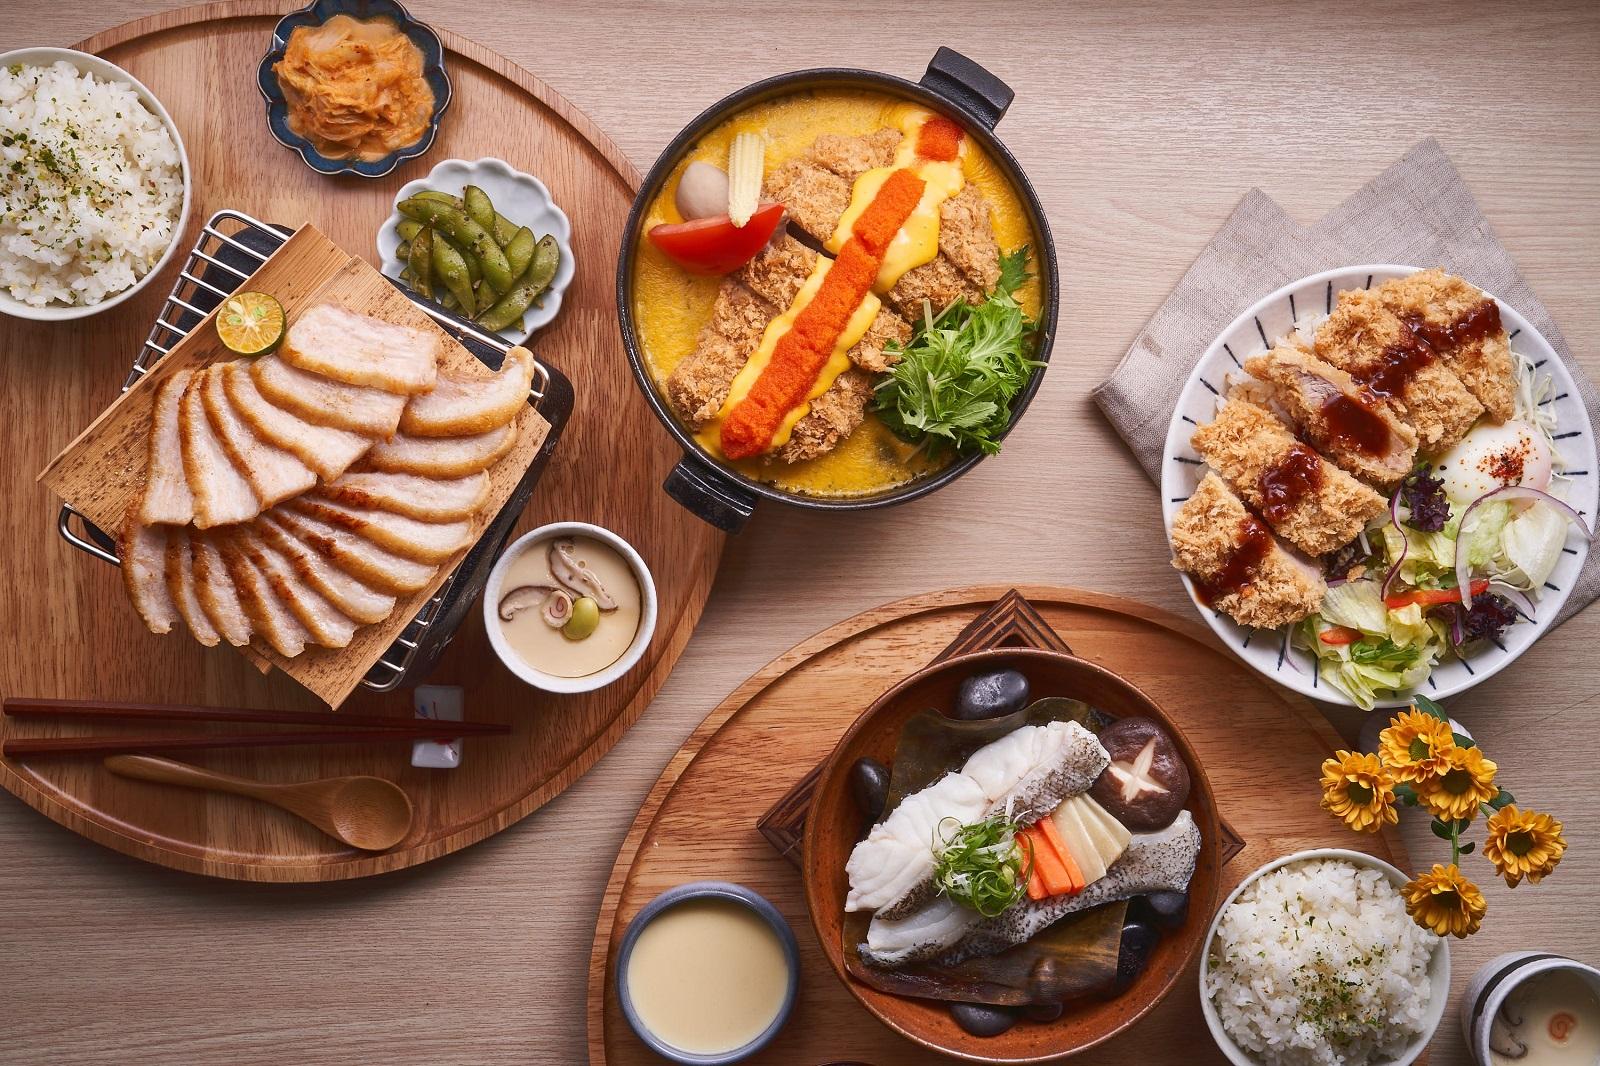 台灣人吃日本料理有8成愛「這一味」 王品推新品牌擴張日料版圖!力拼單月營收200萬